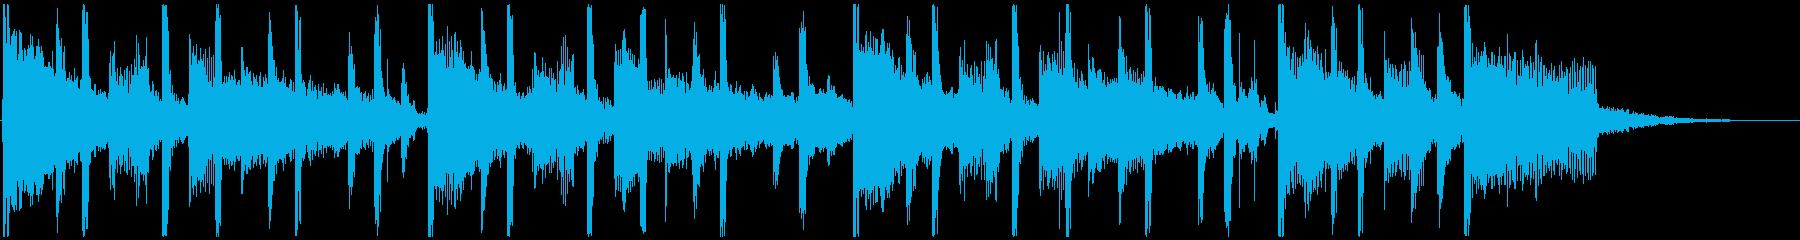 コーナータイトル_コスメ系の再生済みの波形